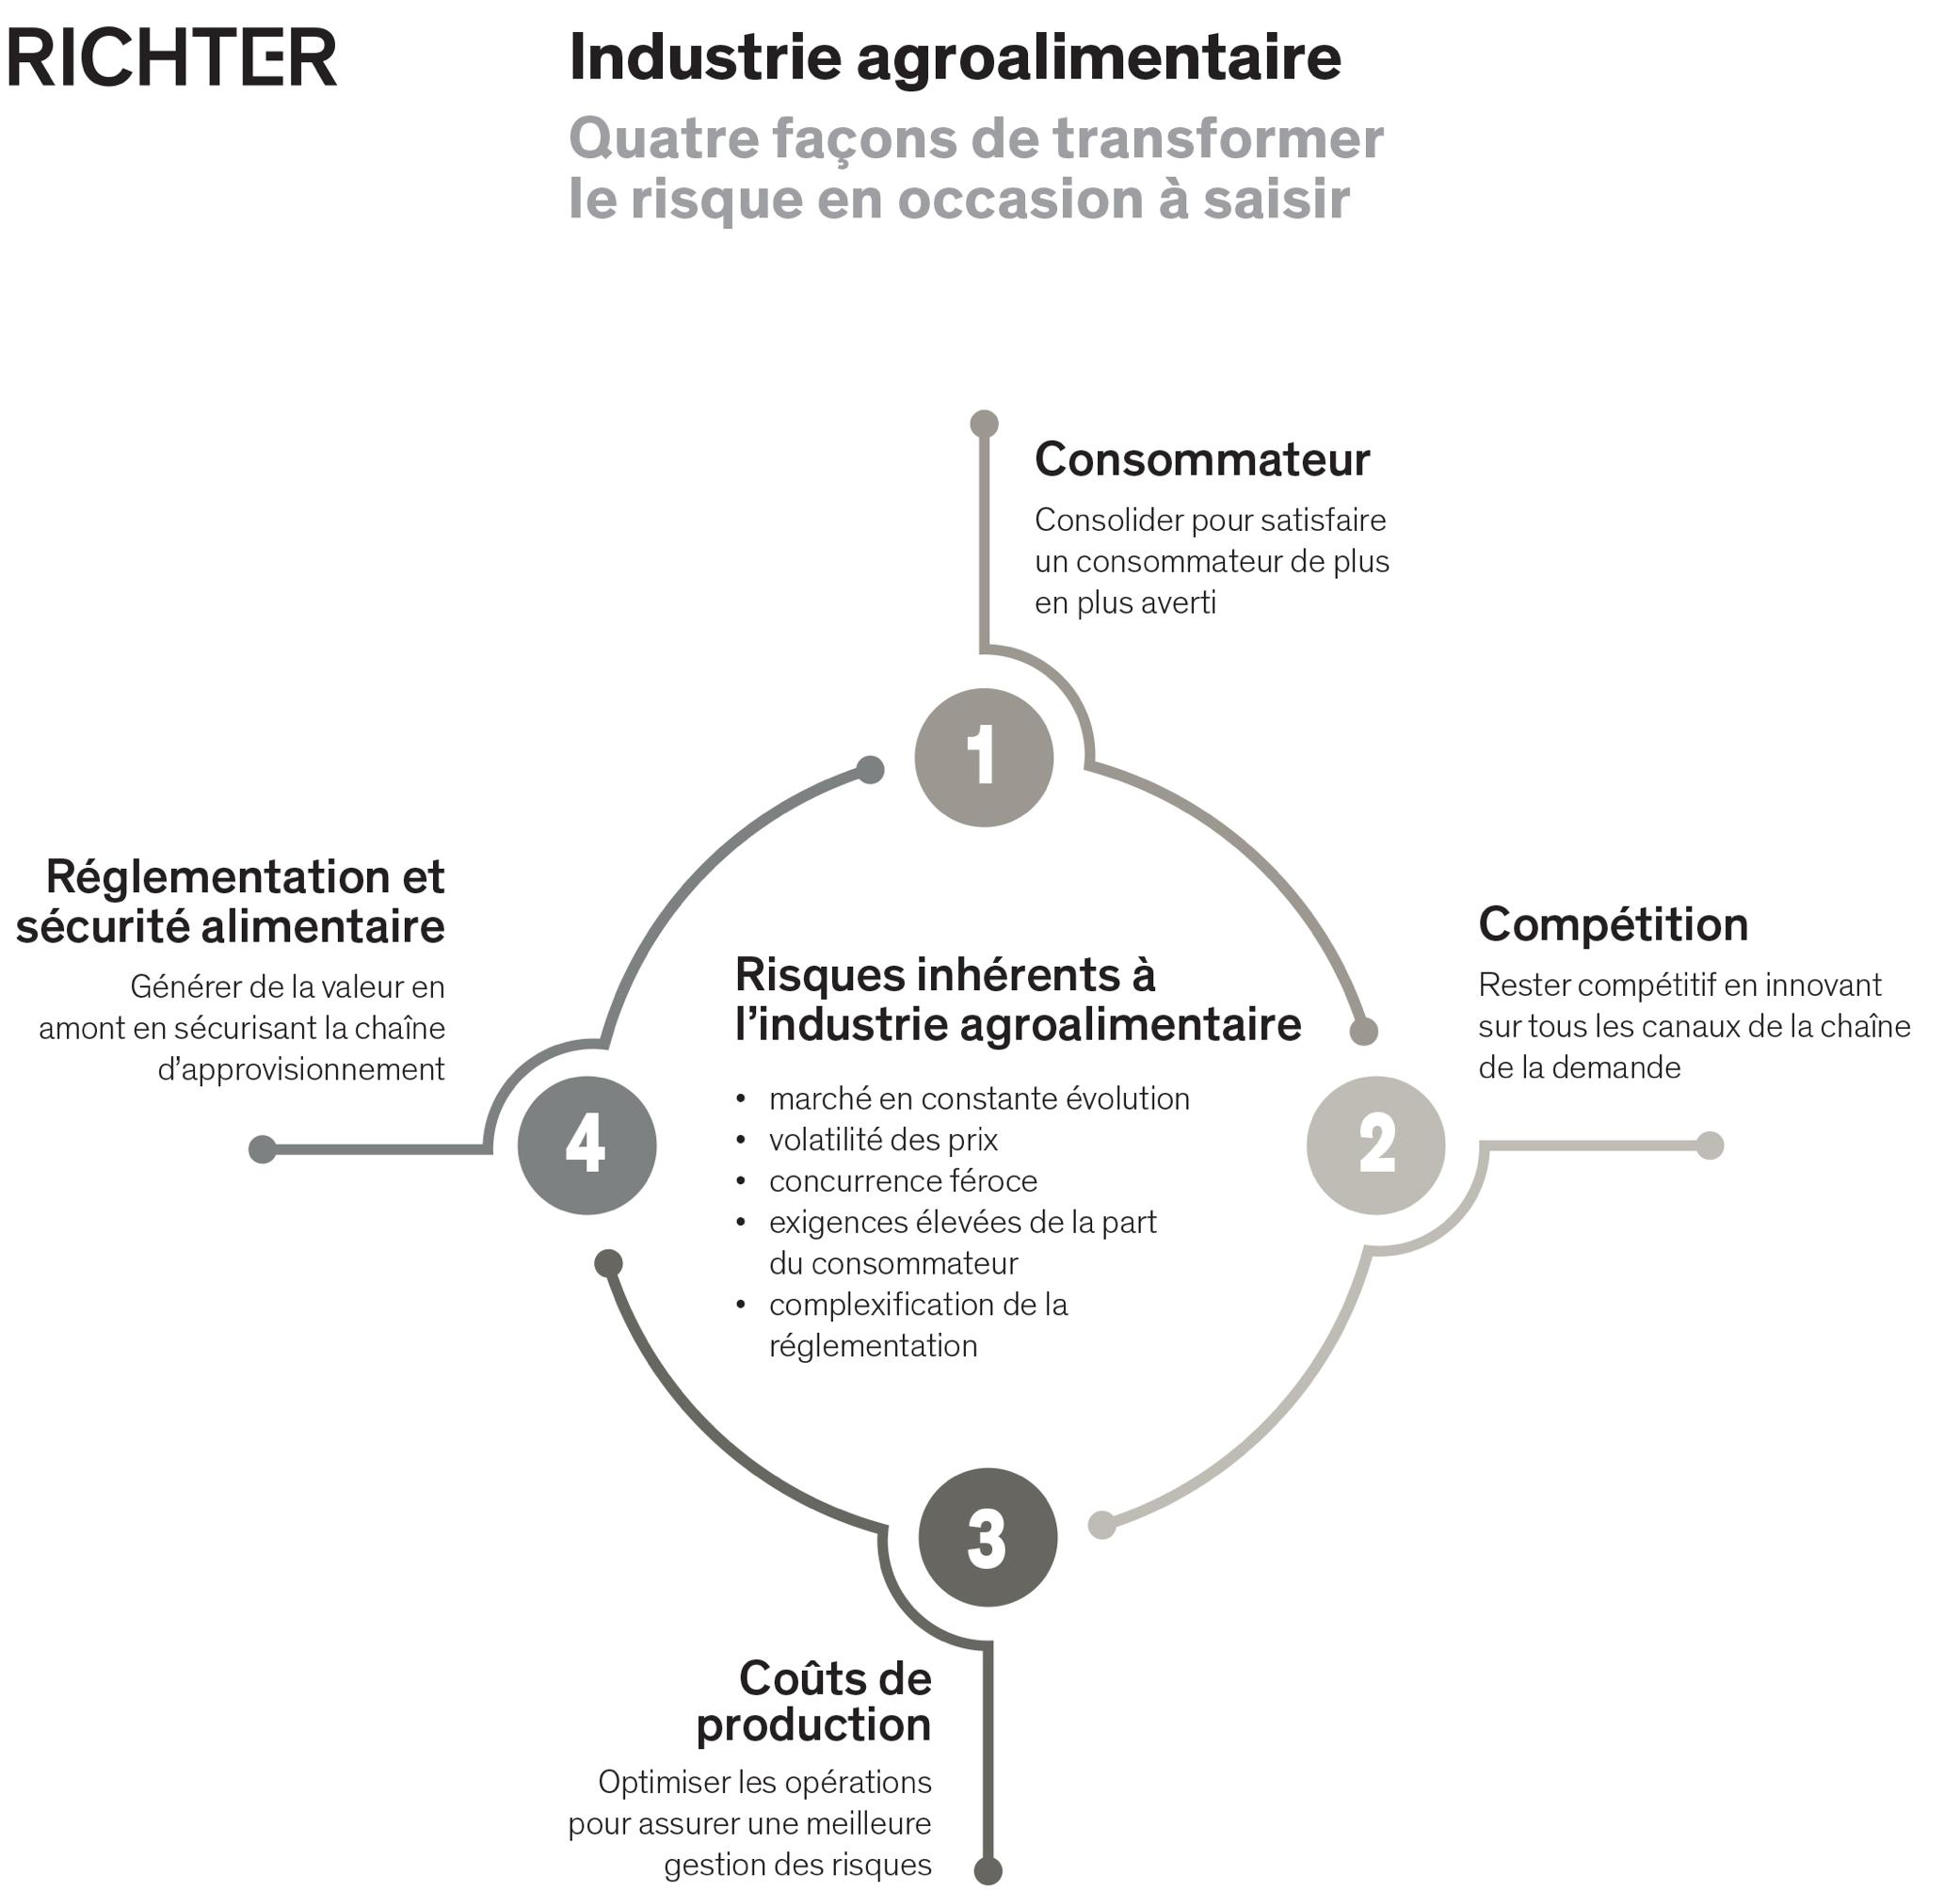 Risques et défi de l'industrie agroalimentaire - consommateur, compétition, coûts de production,, réglementaire et sécuritaire - graphique